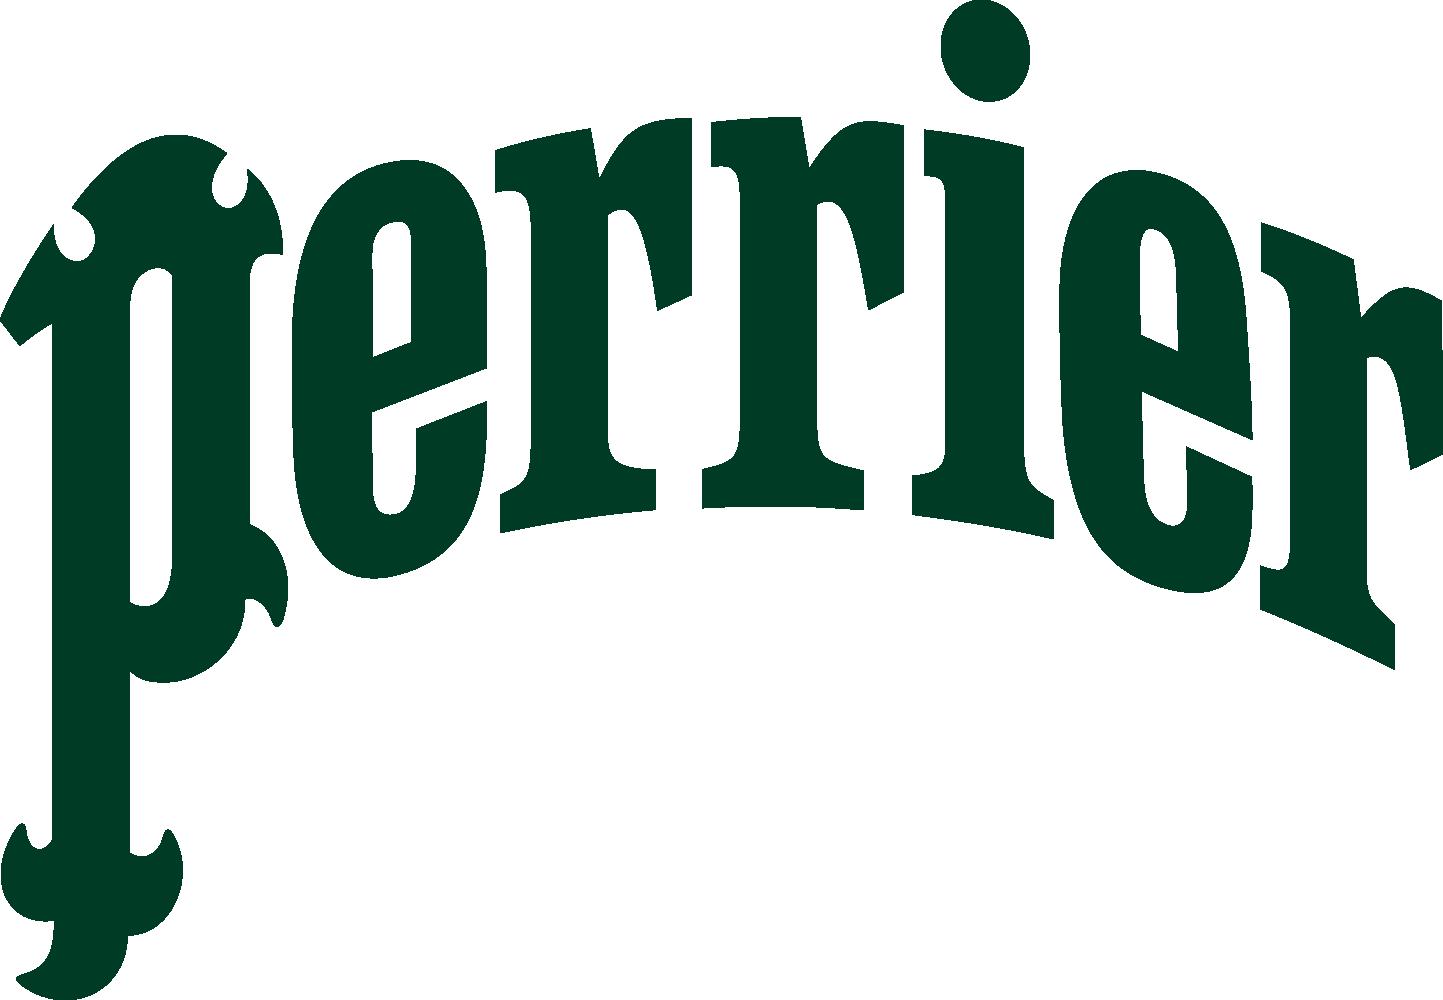 client perrier